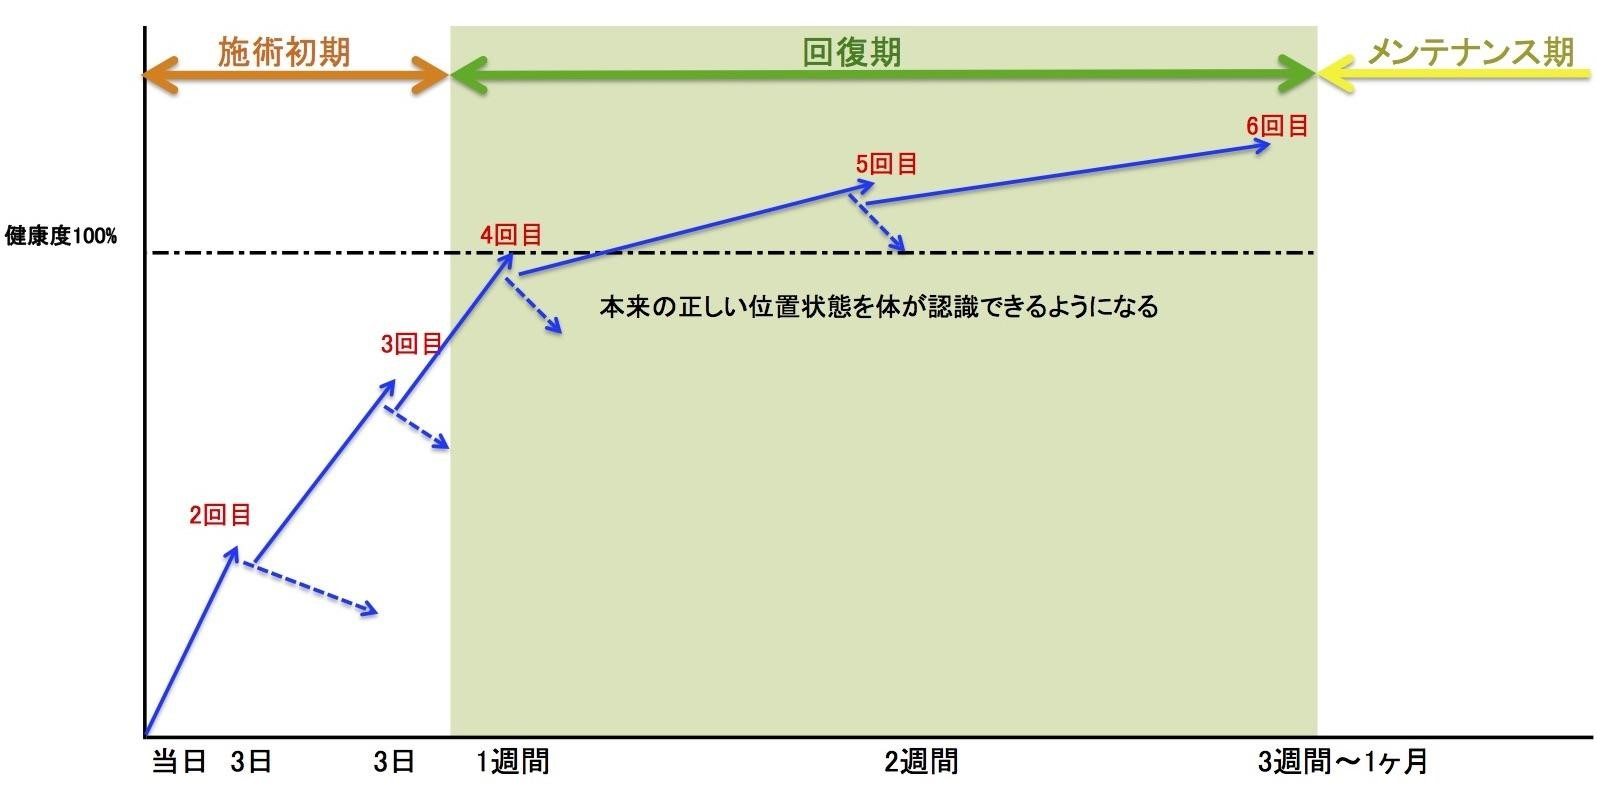 整体頻度グラフ02